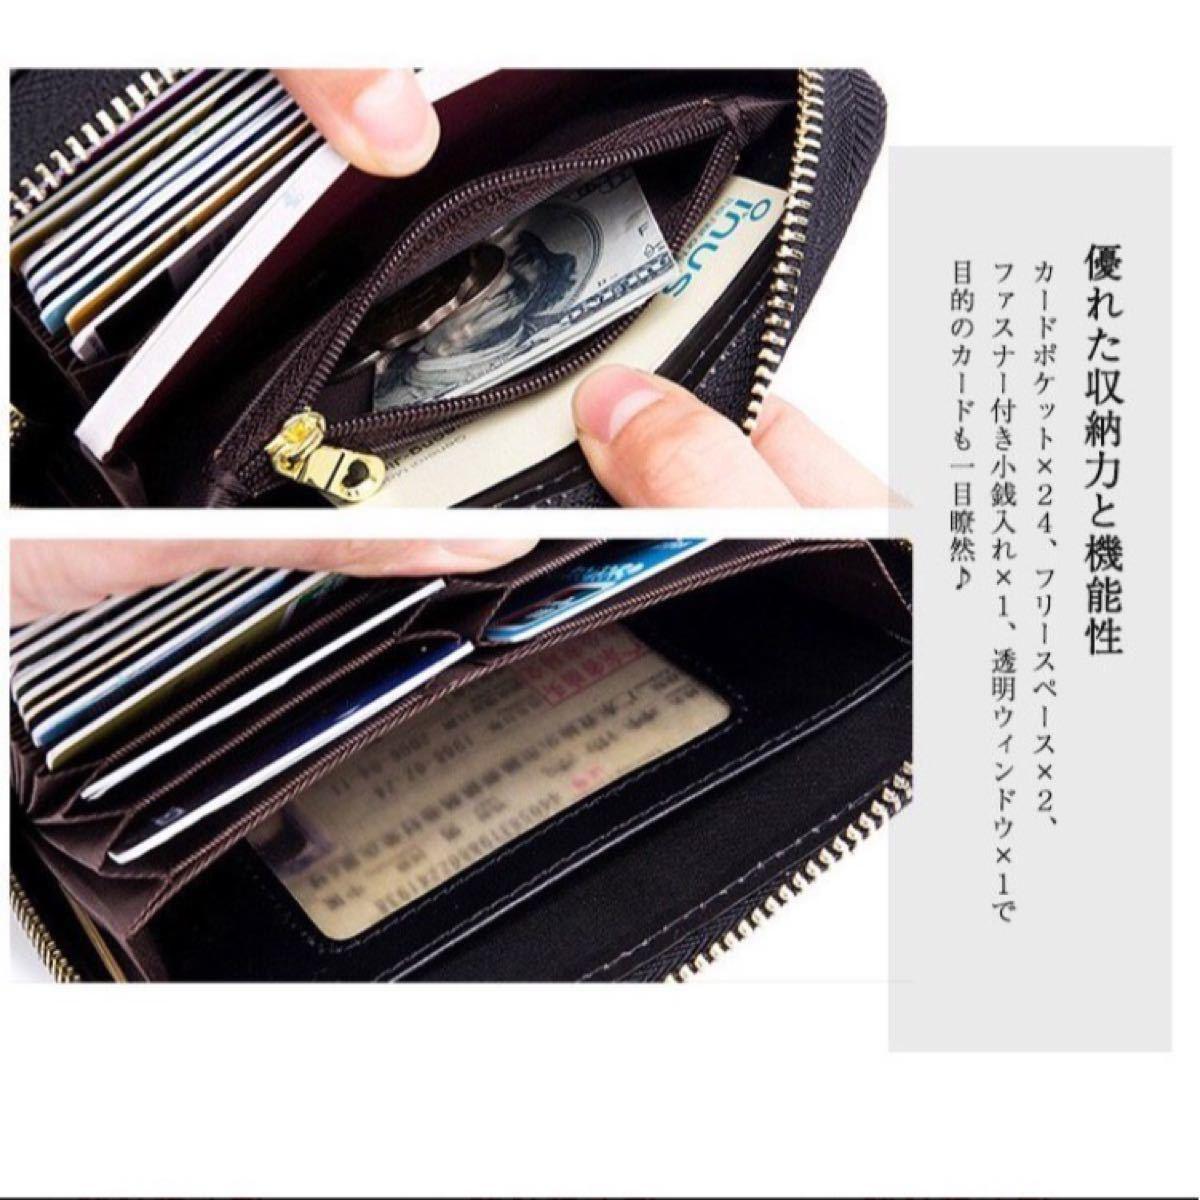 財布 カードケース 小銭入れ コインケース 牛革 メンズ財布 長財布 二つ折り 折り財布 三つ折り 革 本革  ラウンドファスナー